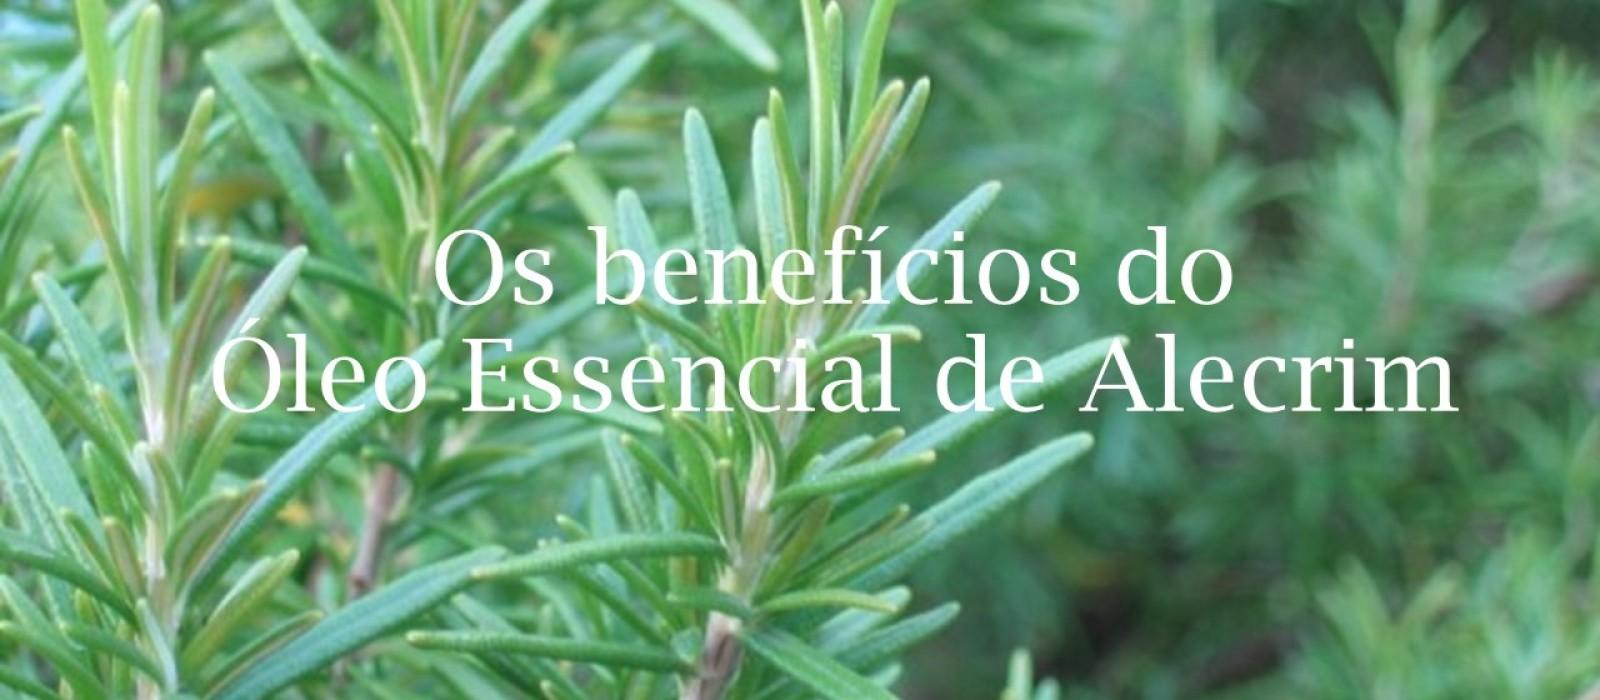 Os benefícios do Óleo Essencial de Alecrim